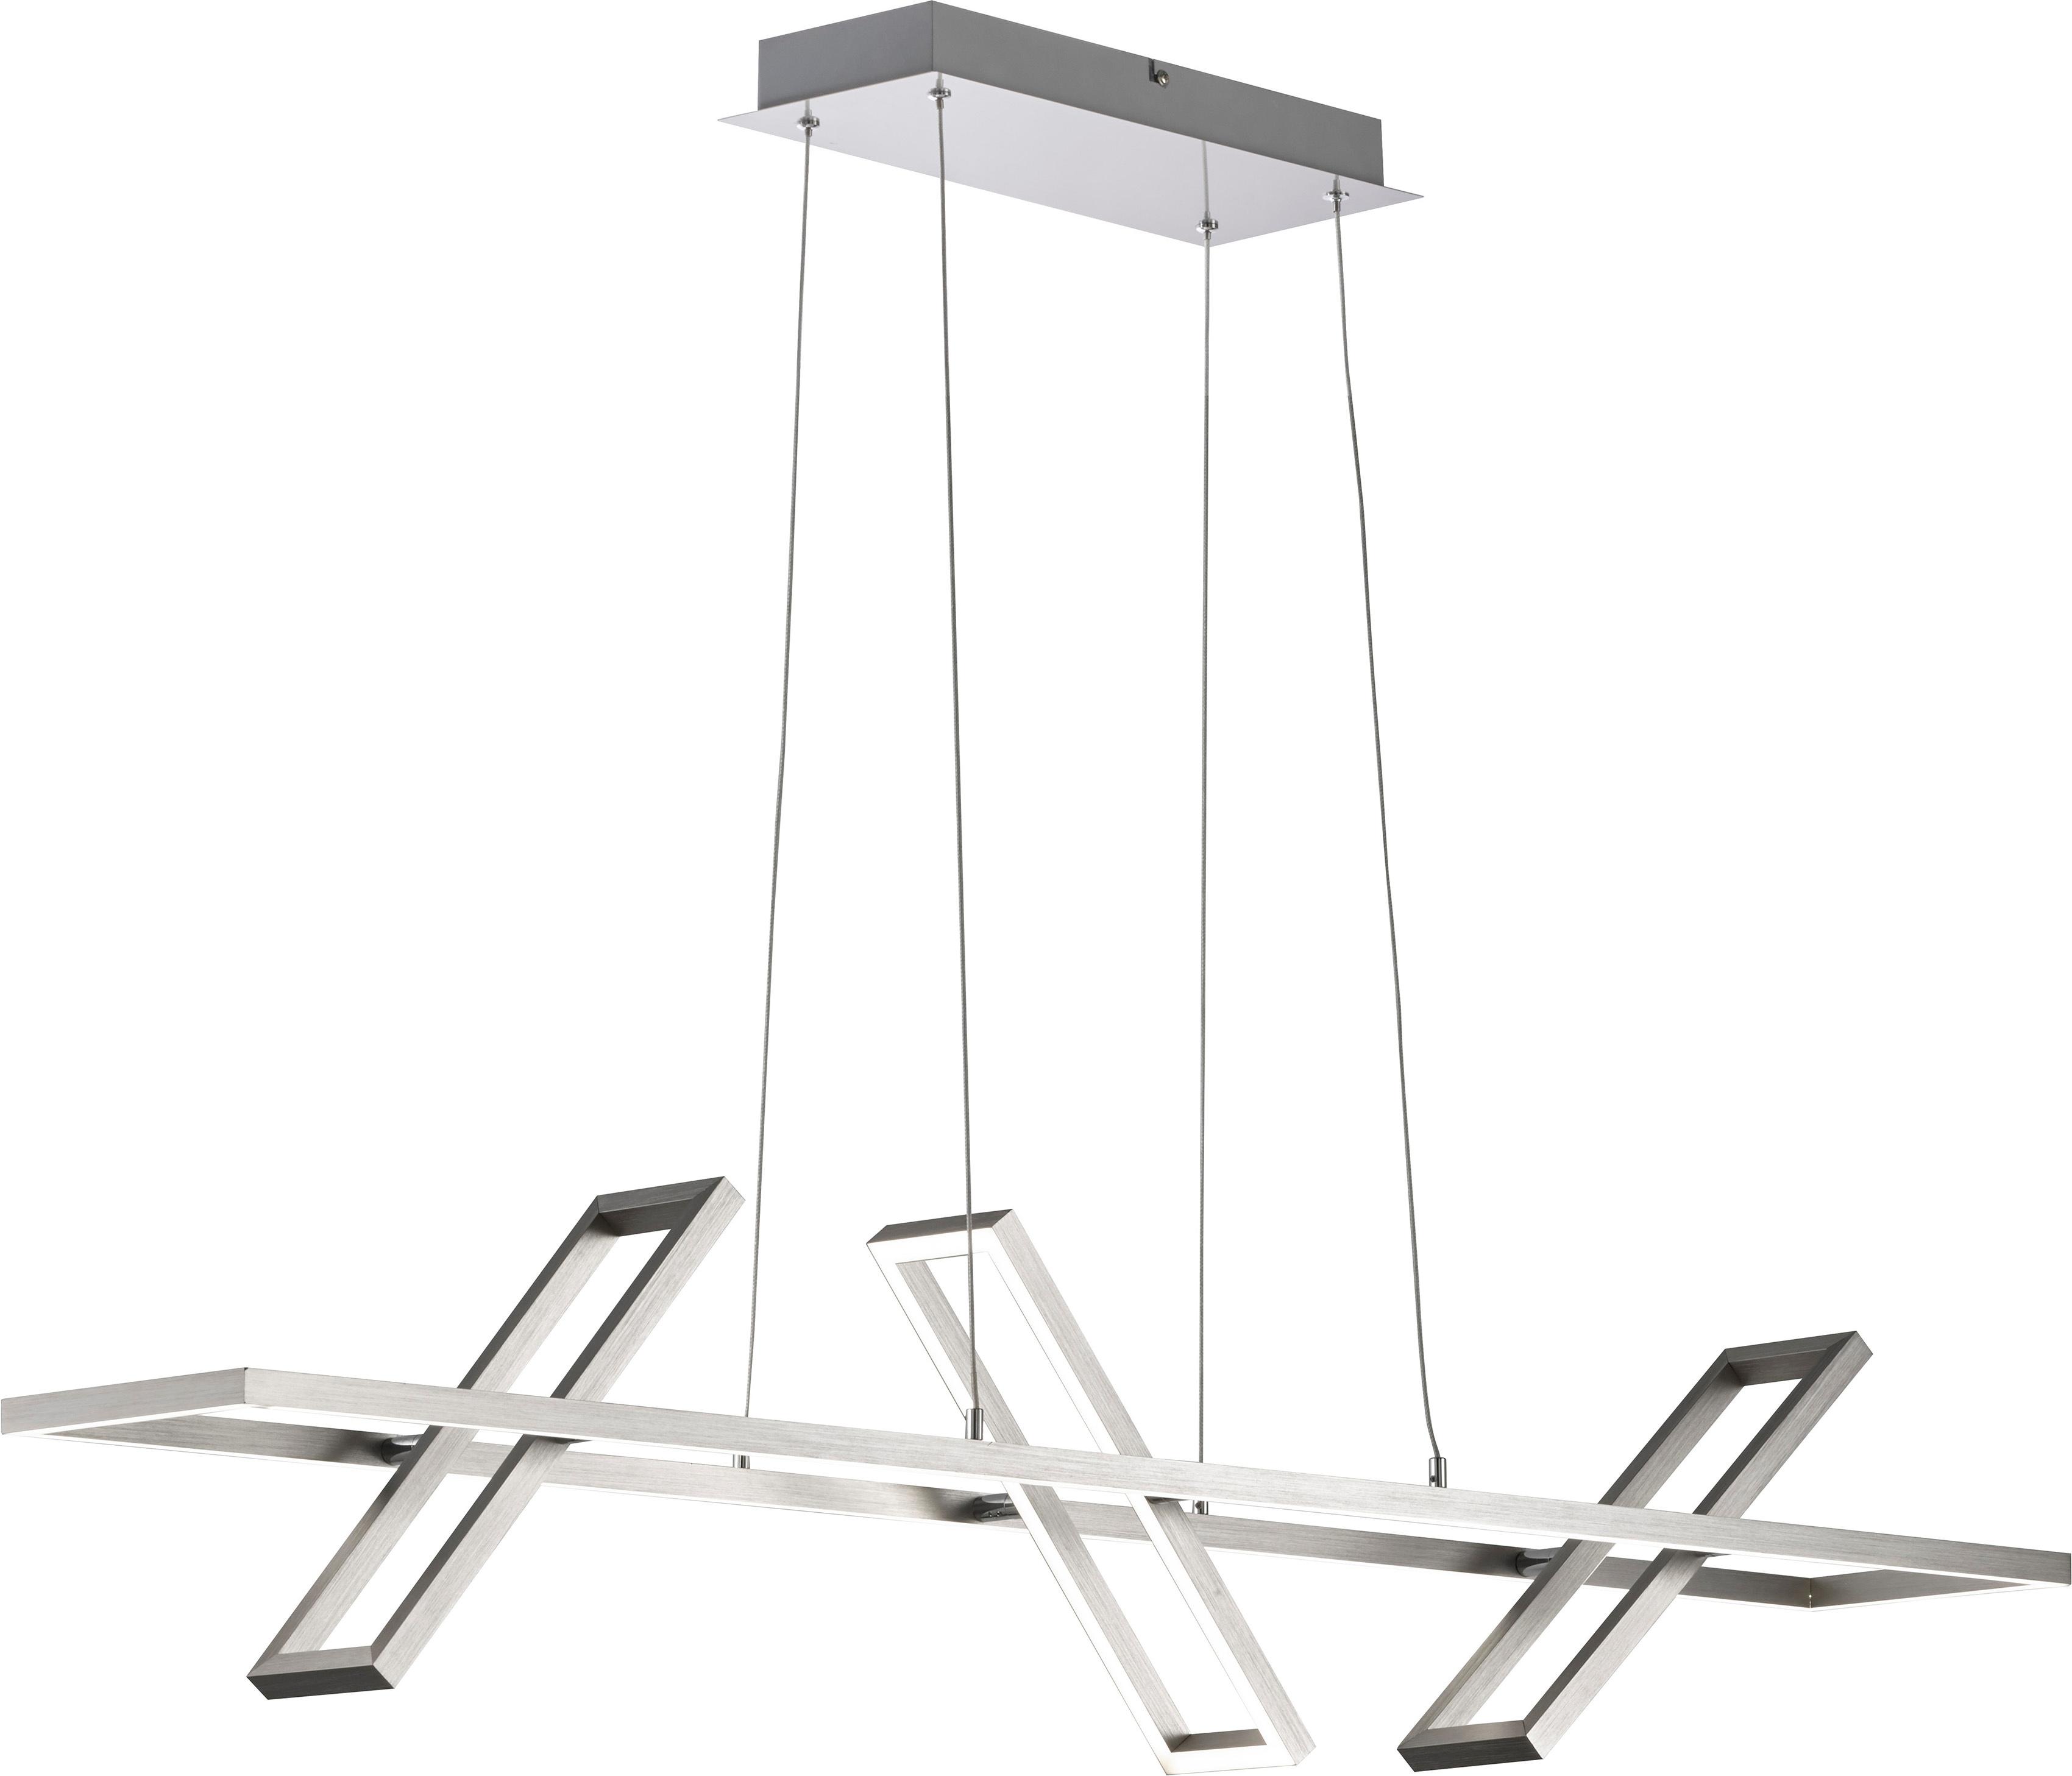 FISCHER & HONSEL LED-Hängeleuchte Rob, LED-Board, 1 St., LED Pendelleuchte, LED Pendellampe